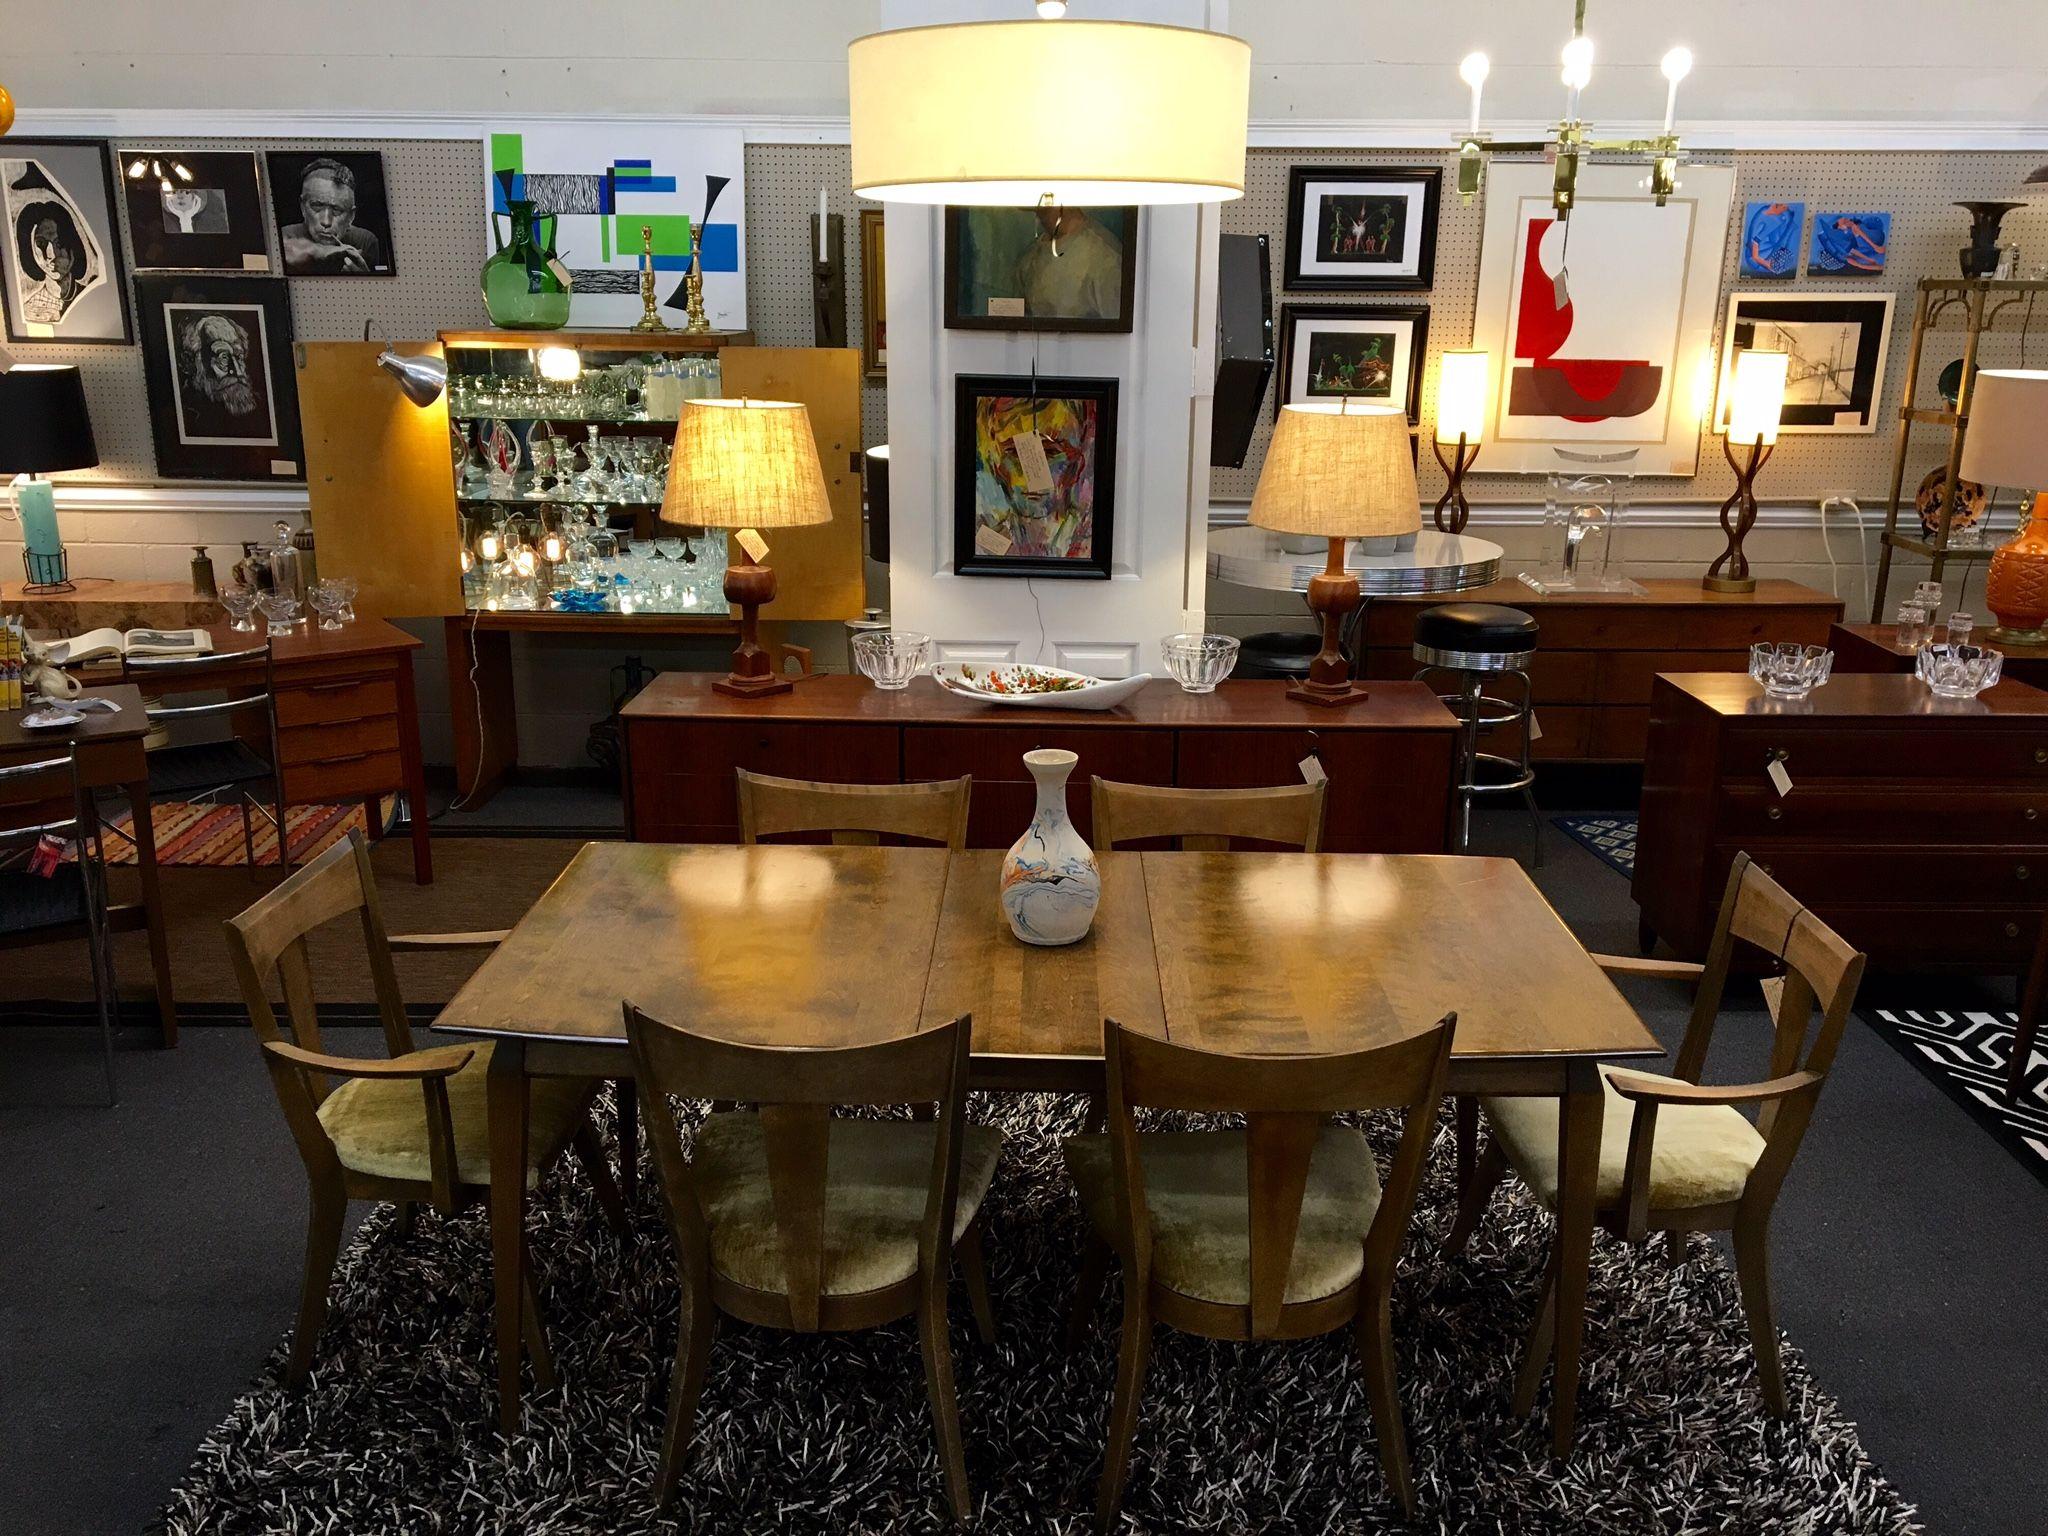 20+ Heywood wakefield dining room set Best Seller